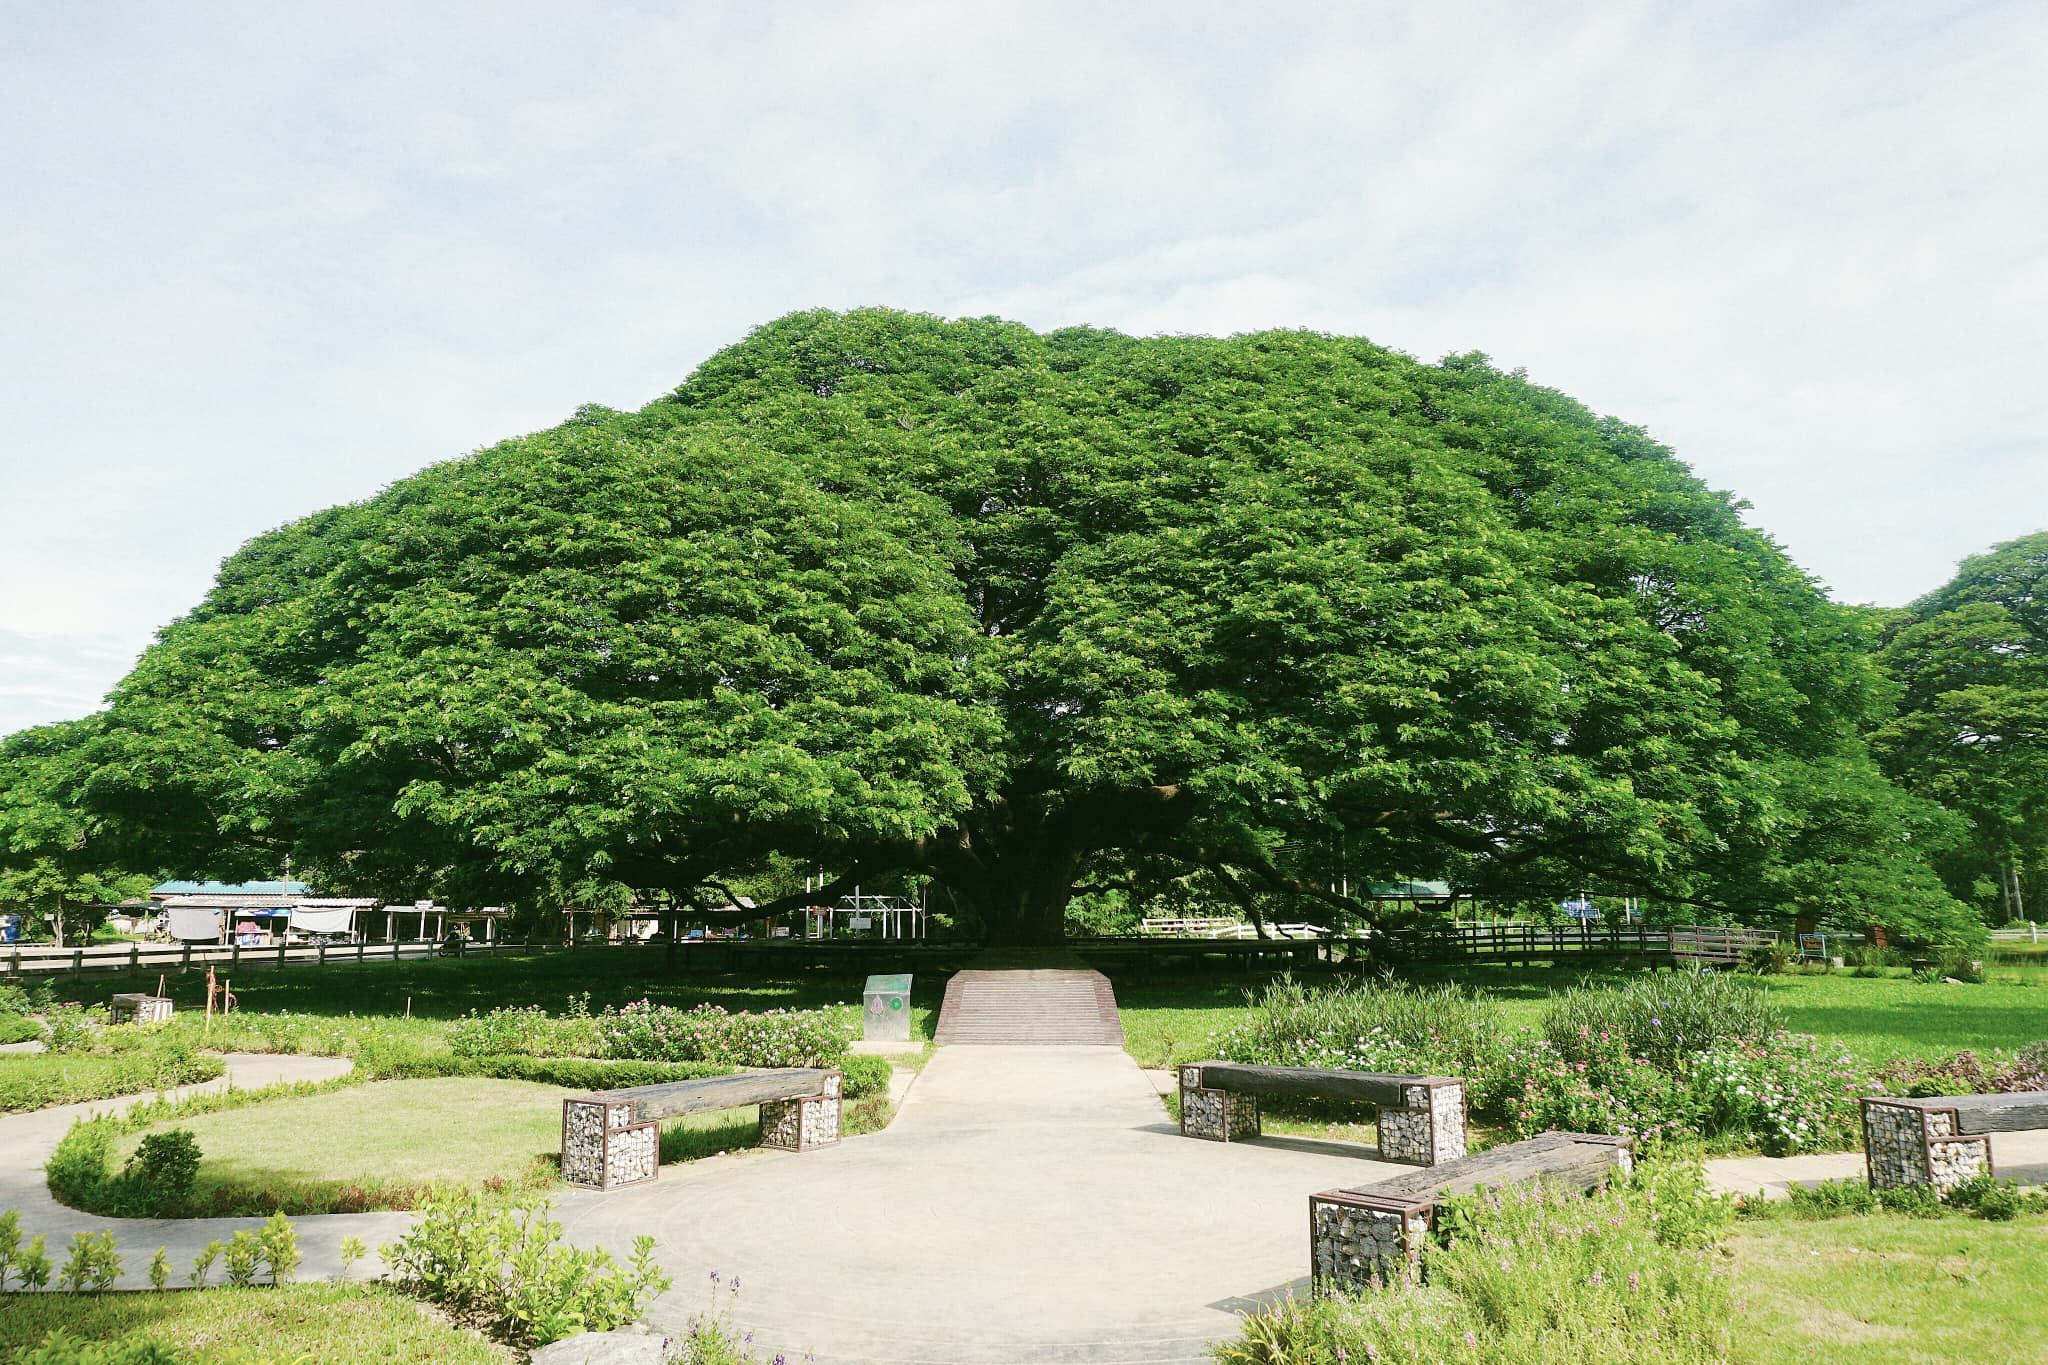 Hình ảnh cây xanh cực đẹp